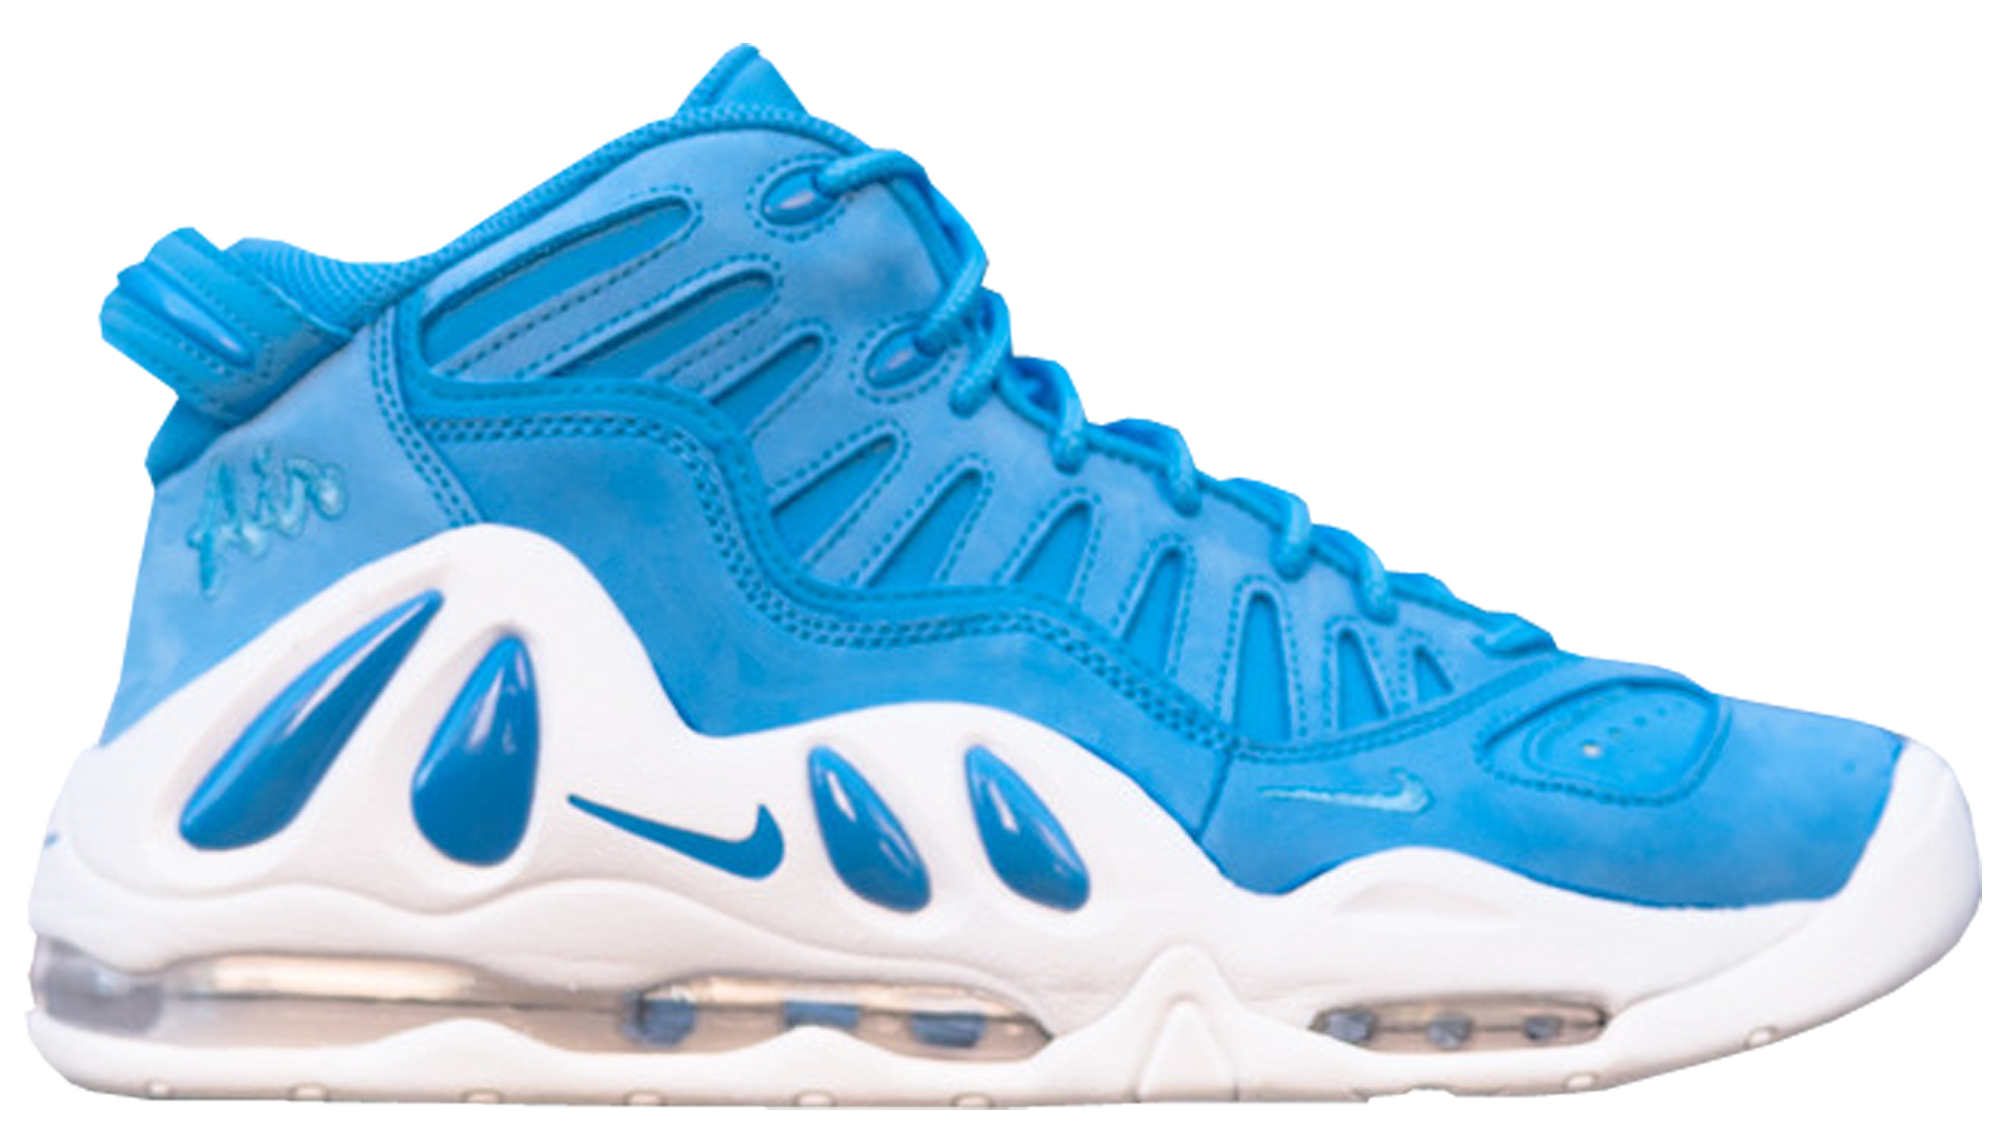 nike air max 2013 blue white 5001 flavors